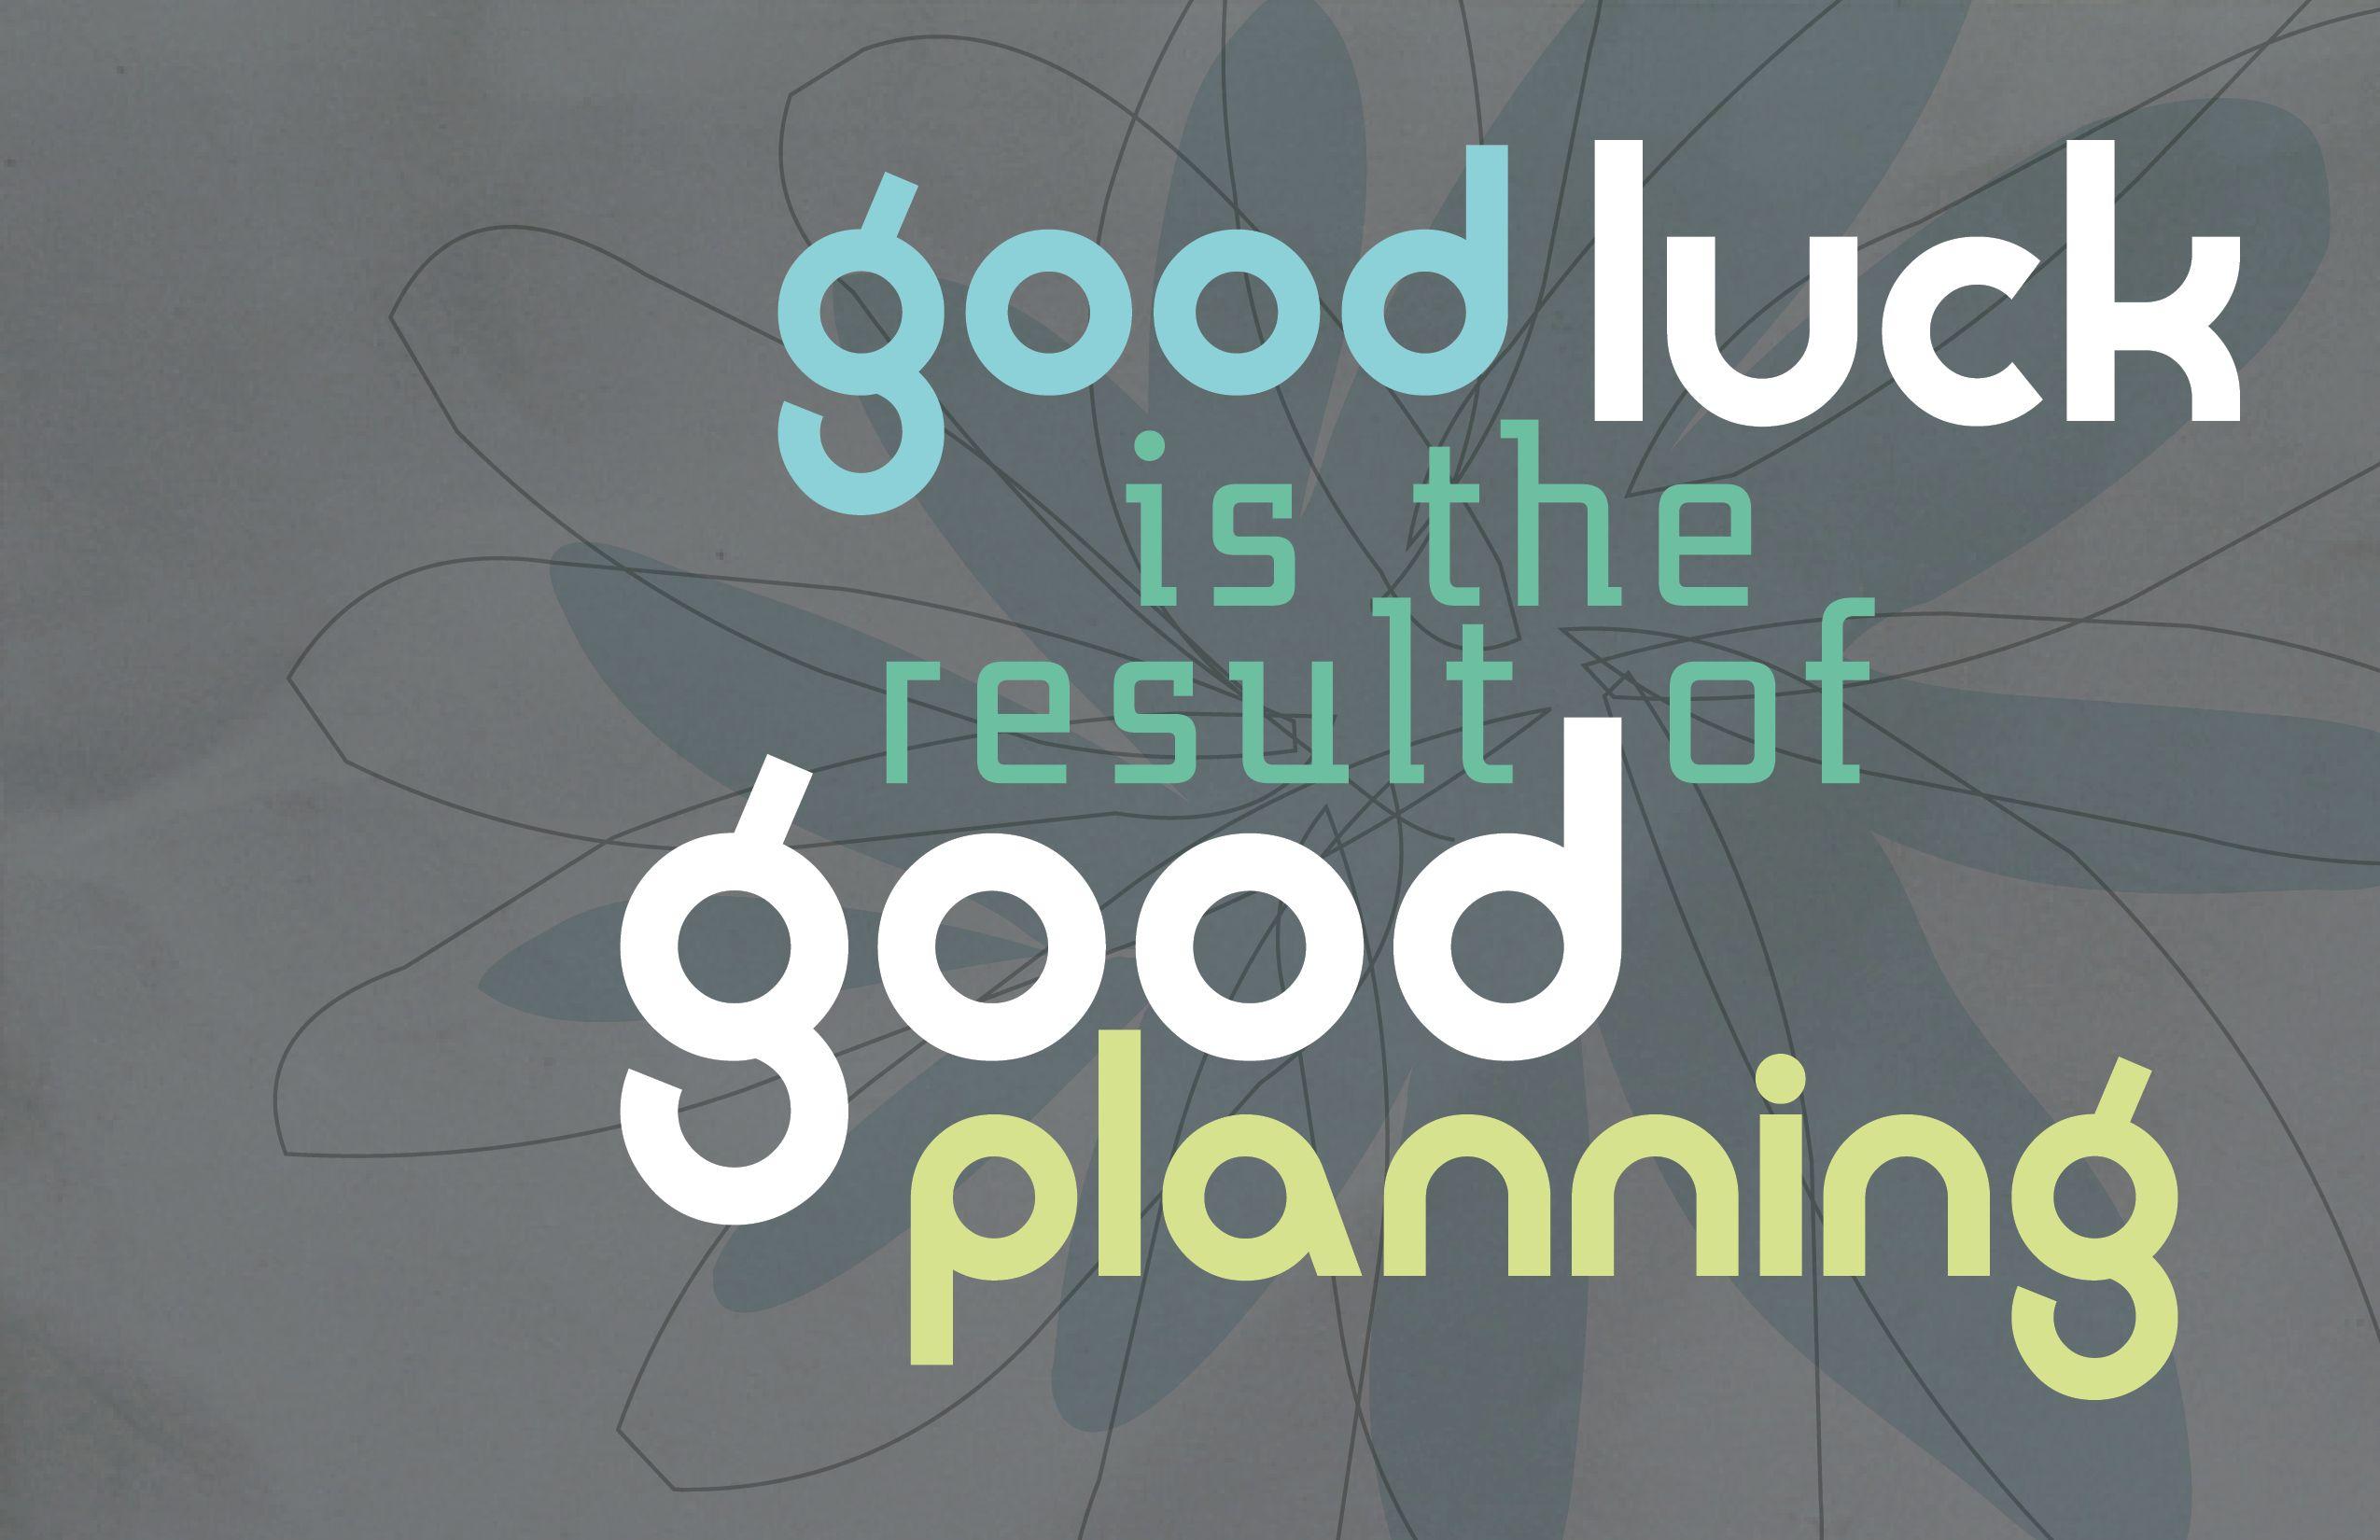 Finals Motivation Inspiration Studyblue Finals Motivation